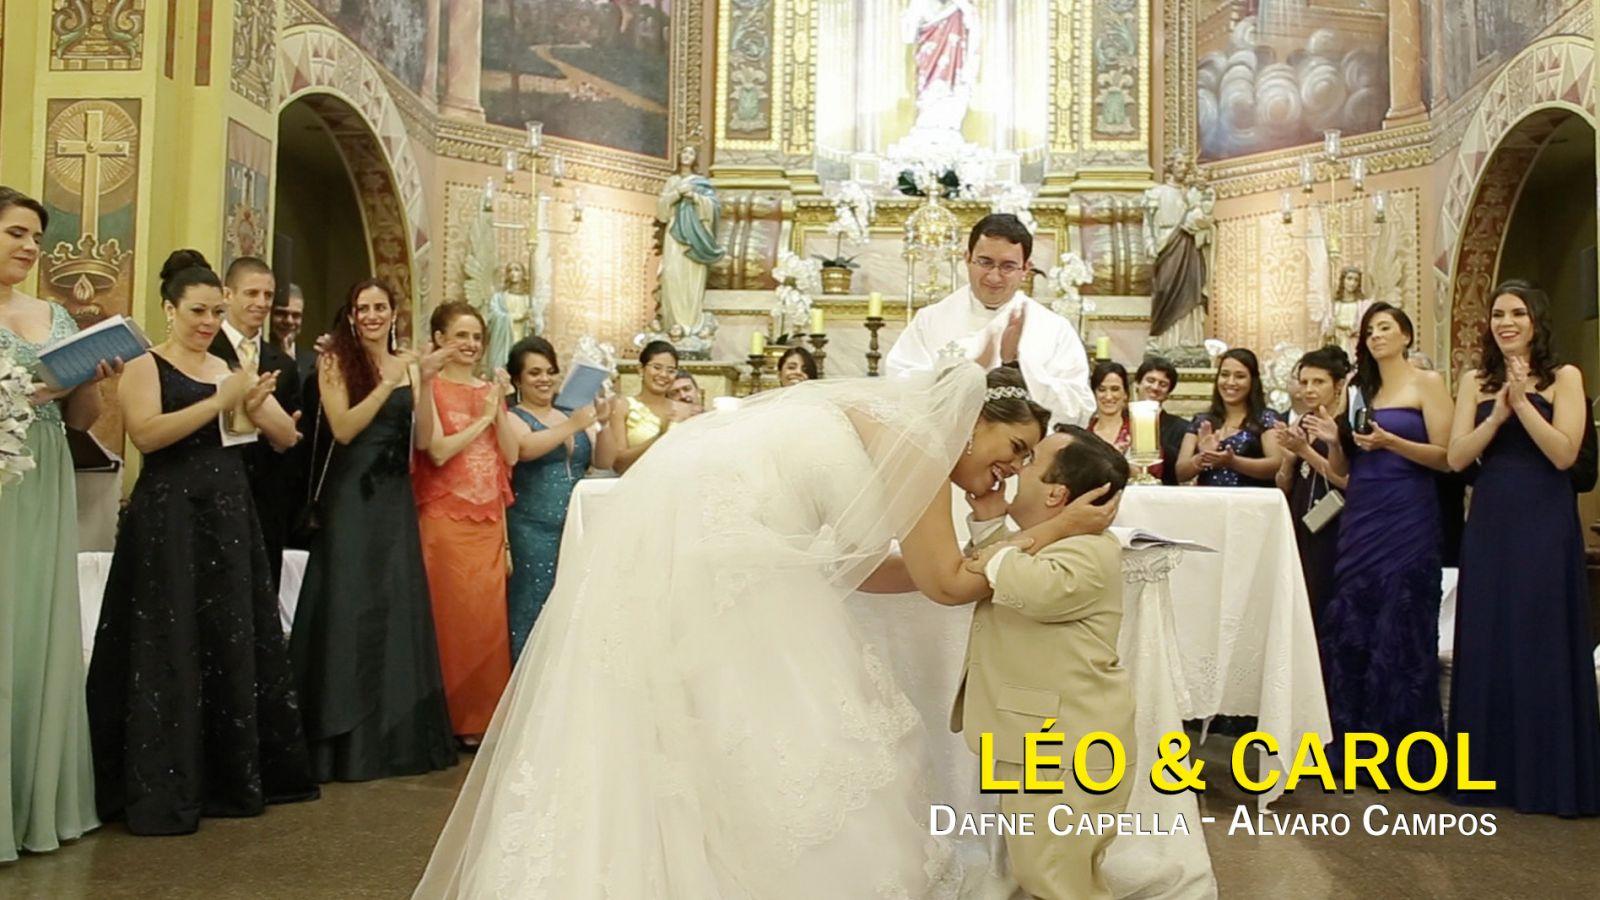 Leo y Carol, Dafne Capella- Alvaro Campos